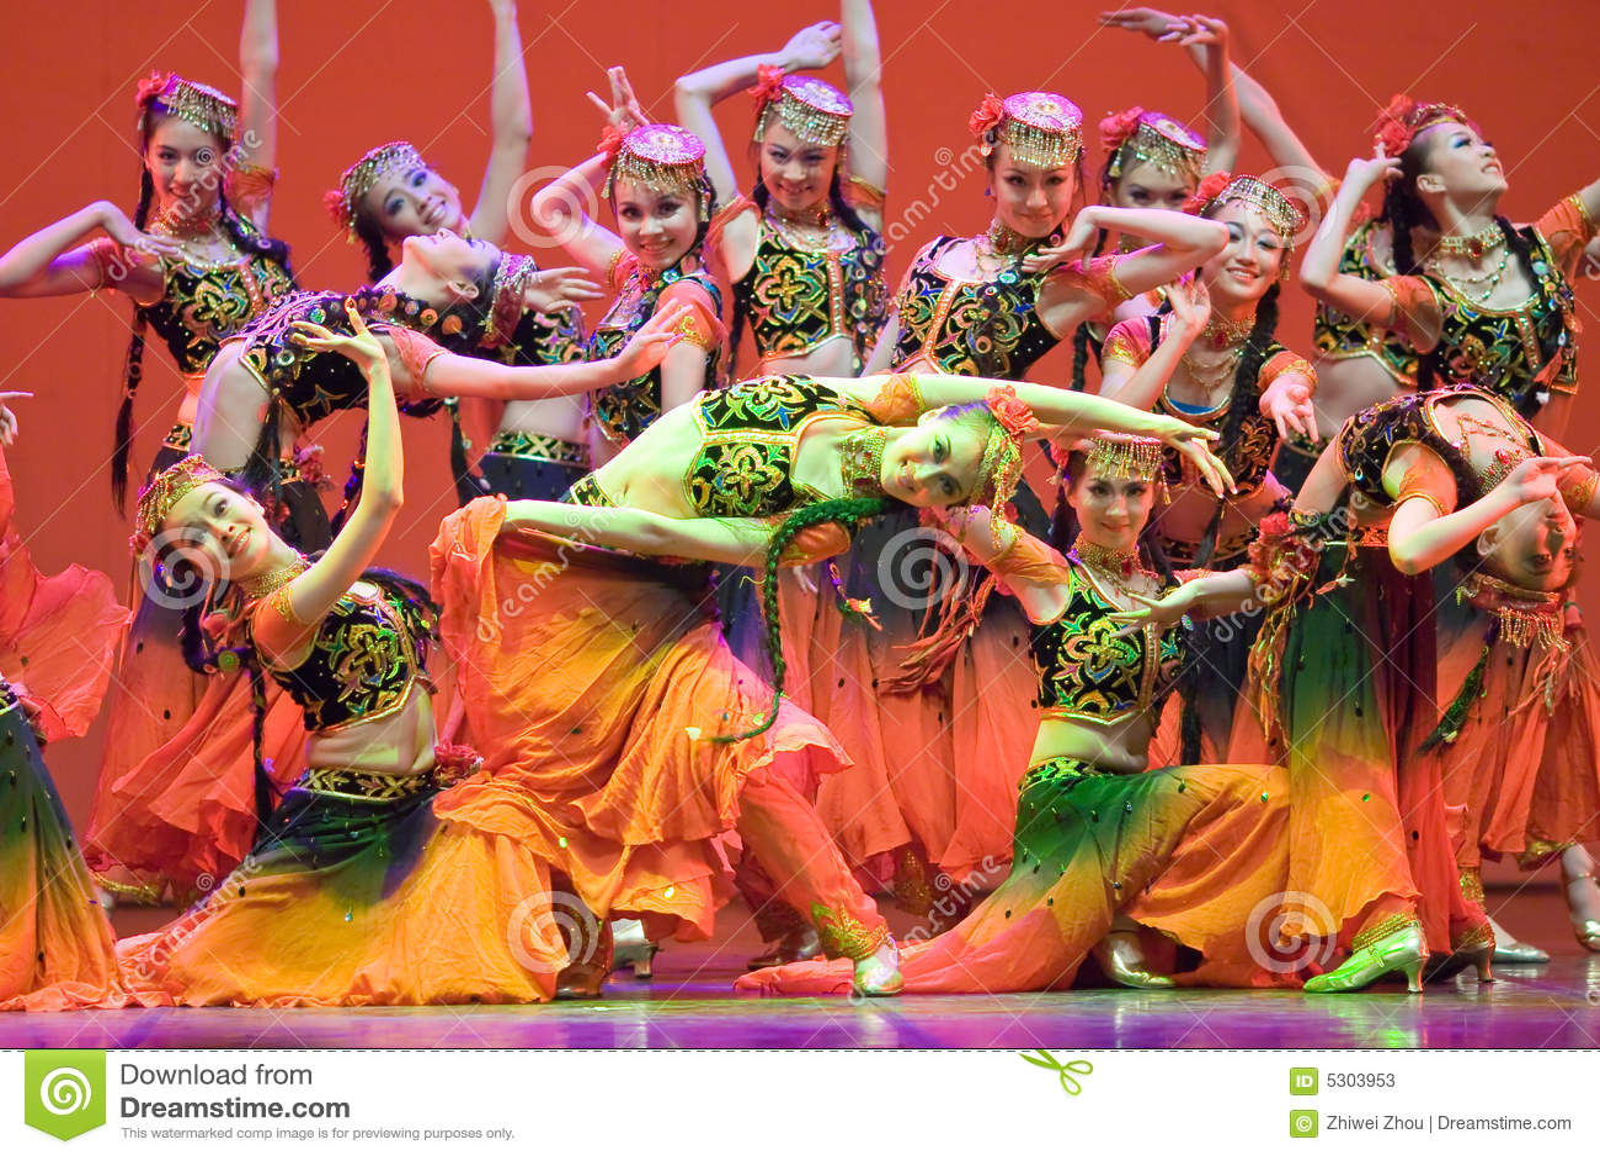 Download Popolo Cinese Di Ballo Di Piega Fotografia Stock Editoriale - Immagine di artista, celebrazione: 5303953